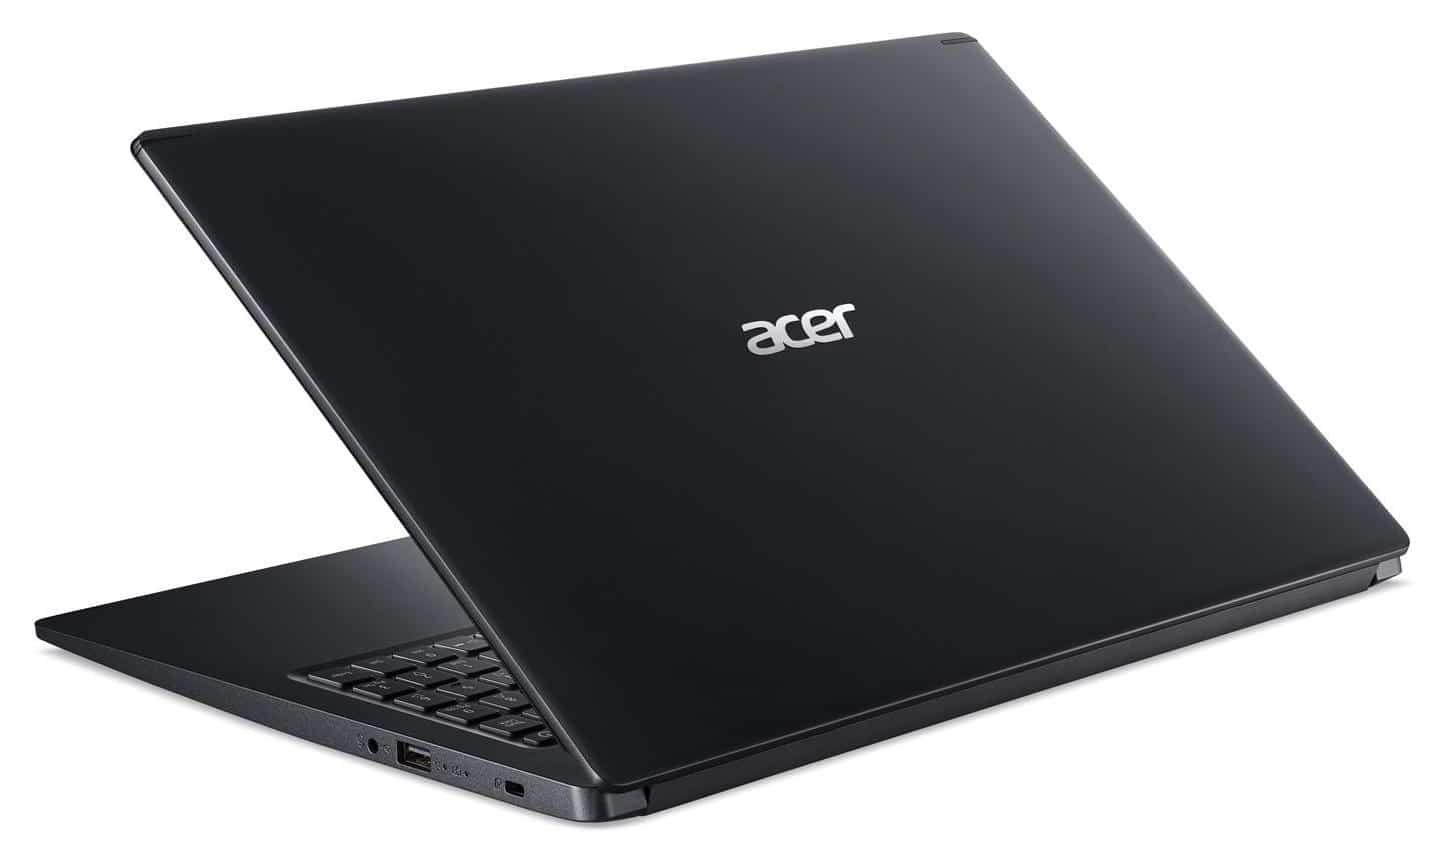 Acer Aspire 5 A515-54G-573R, 15 pouces multimédia (509€)